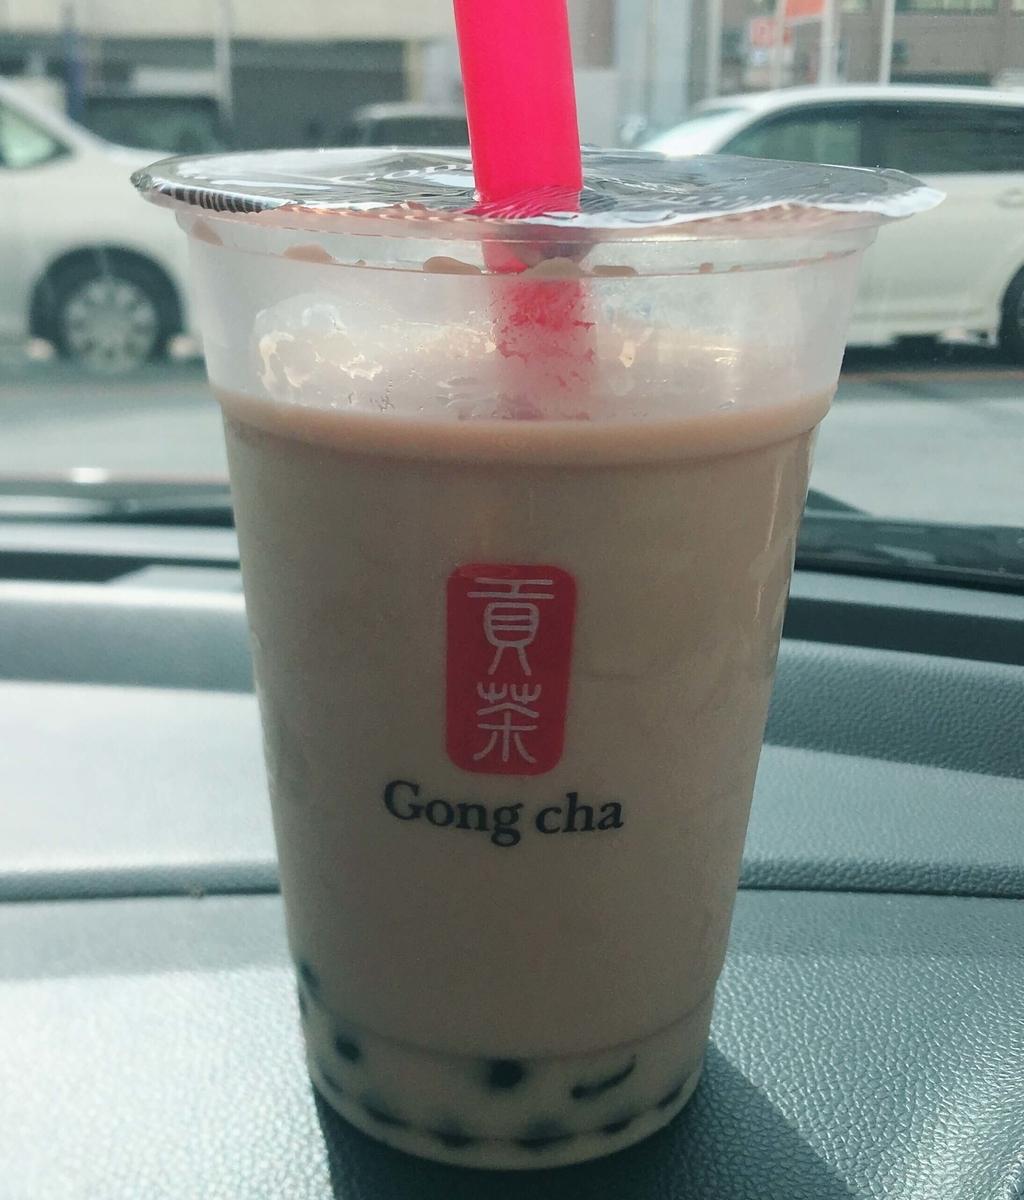 『Gong cha(ゴンチャ)』で自分好みの台湾ティーを楽しもう!